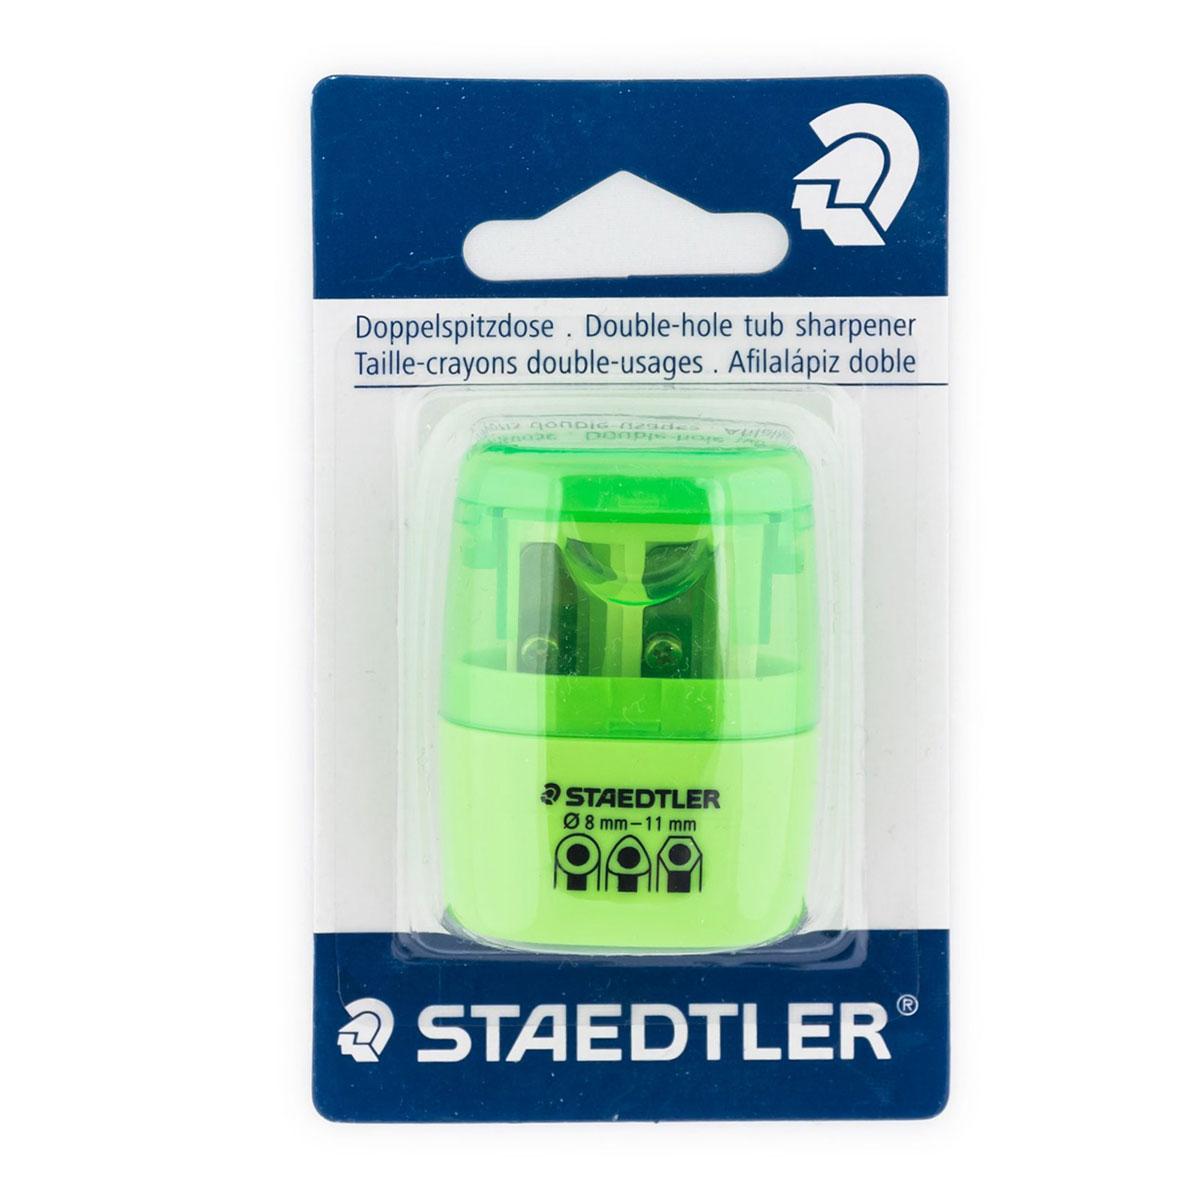 Staedtler Точилка на 2 отверстия цвет зеленый неон0703415Точилка в пластиковом корпусе на 2 отверстия. Неон зеленый. Блистер. Подходит для чернографитовых стандартных карандашей диаметром до 8,2 мм с углом заточки 23° для четких и аккуратных линий. Также для толстых чернографитовых и цветных карандашей диаметром до 11 мм, угол заточки 30° для широких и ровных линий. Металлическая затачивающая часть. Закрытая конструкция предотвращает высыпание мусора во время заточки. Безопасный крепеж крышки.